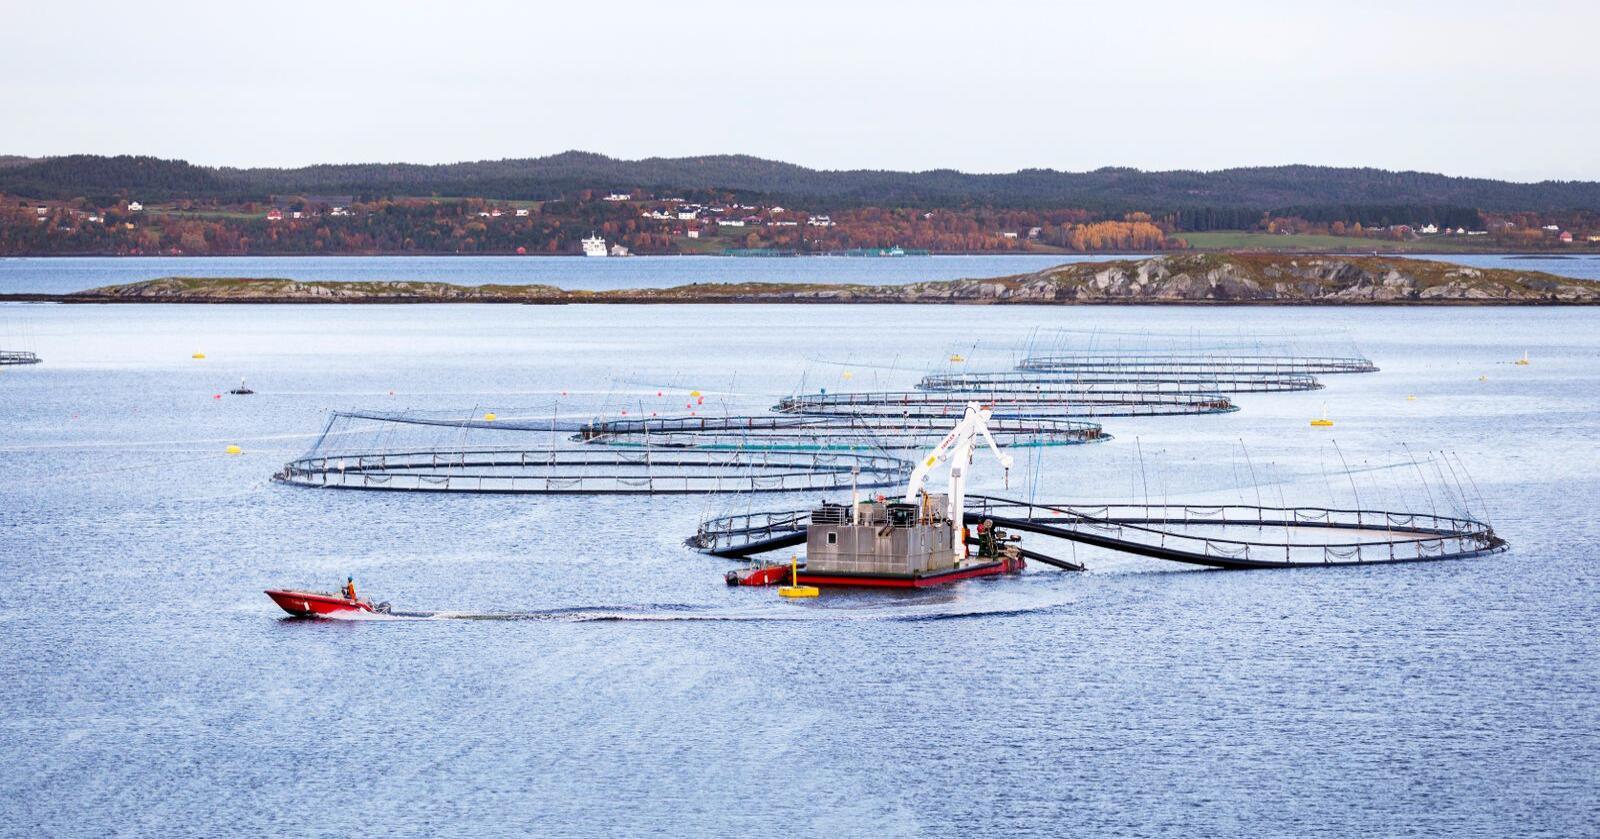 Anlegg for lakseoppdrett med spesialbåtar for fiskeoppdrett utanfor Hitra, på trøndelagskysten. Foto: Gorm Kallestad / NTB scanpix / NPK